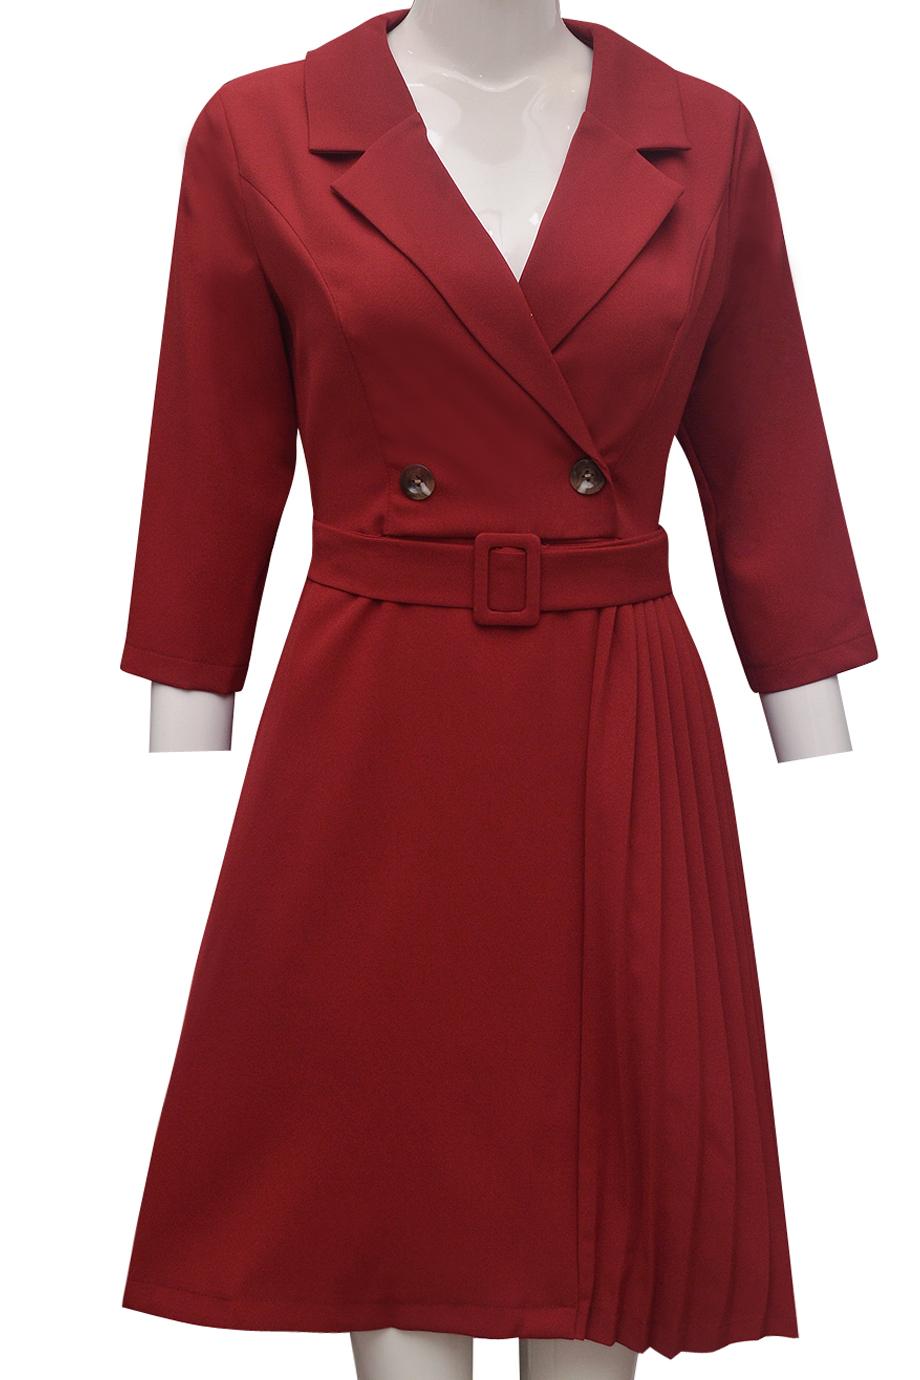 Váy xếp ly ELMI thời trang cao cấp màu đỏ đô EV59-1